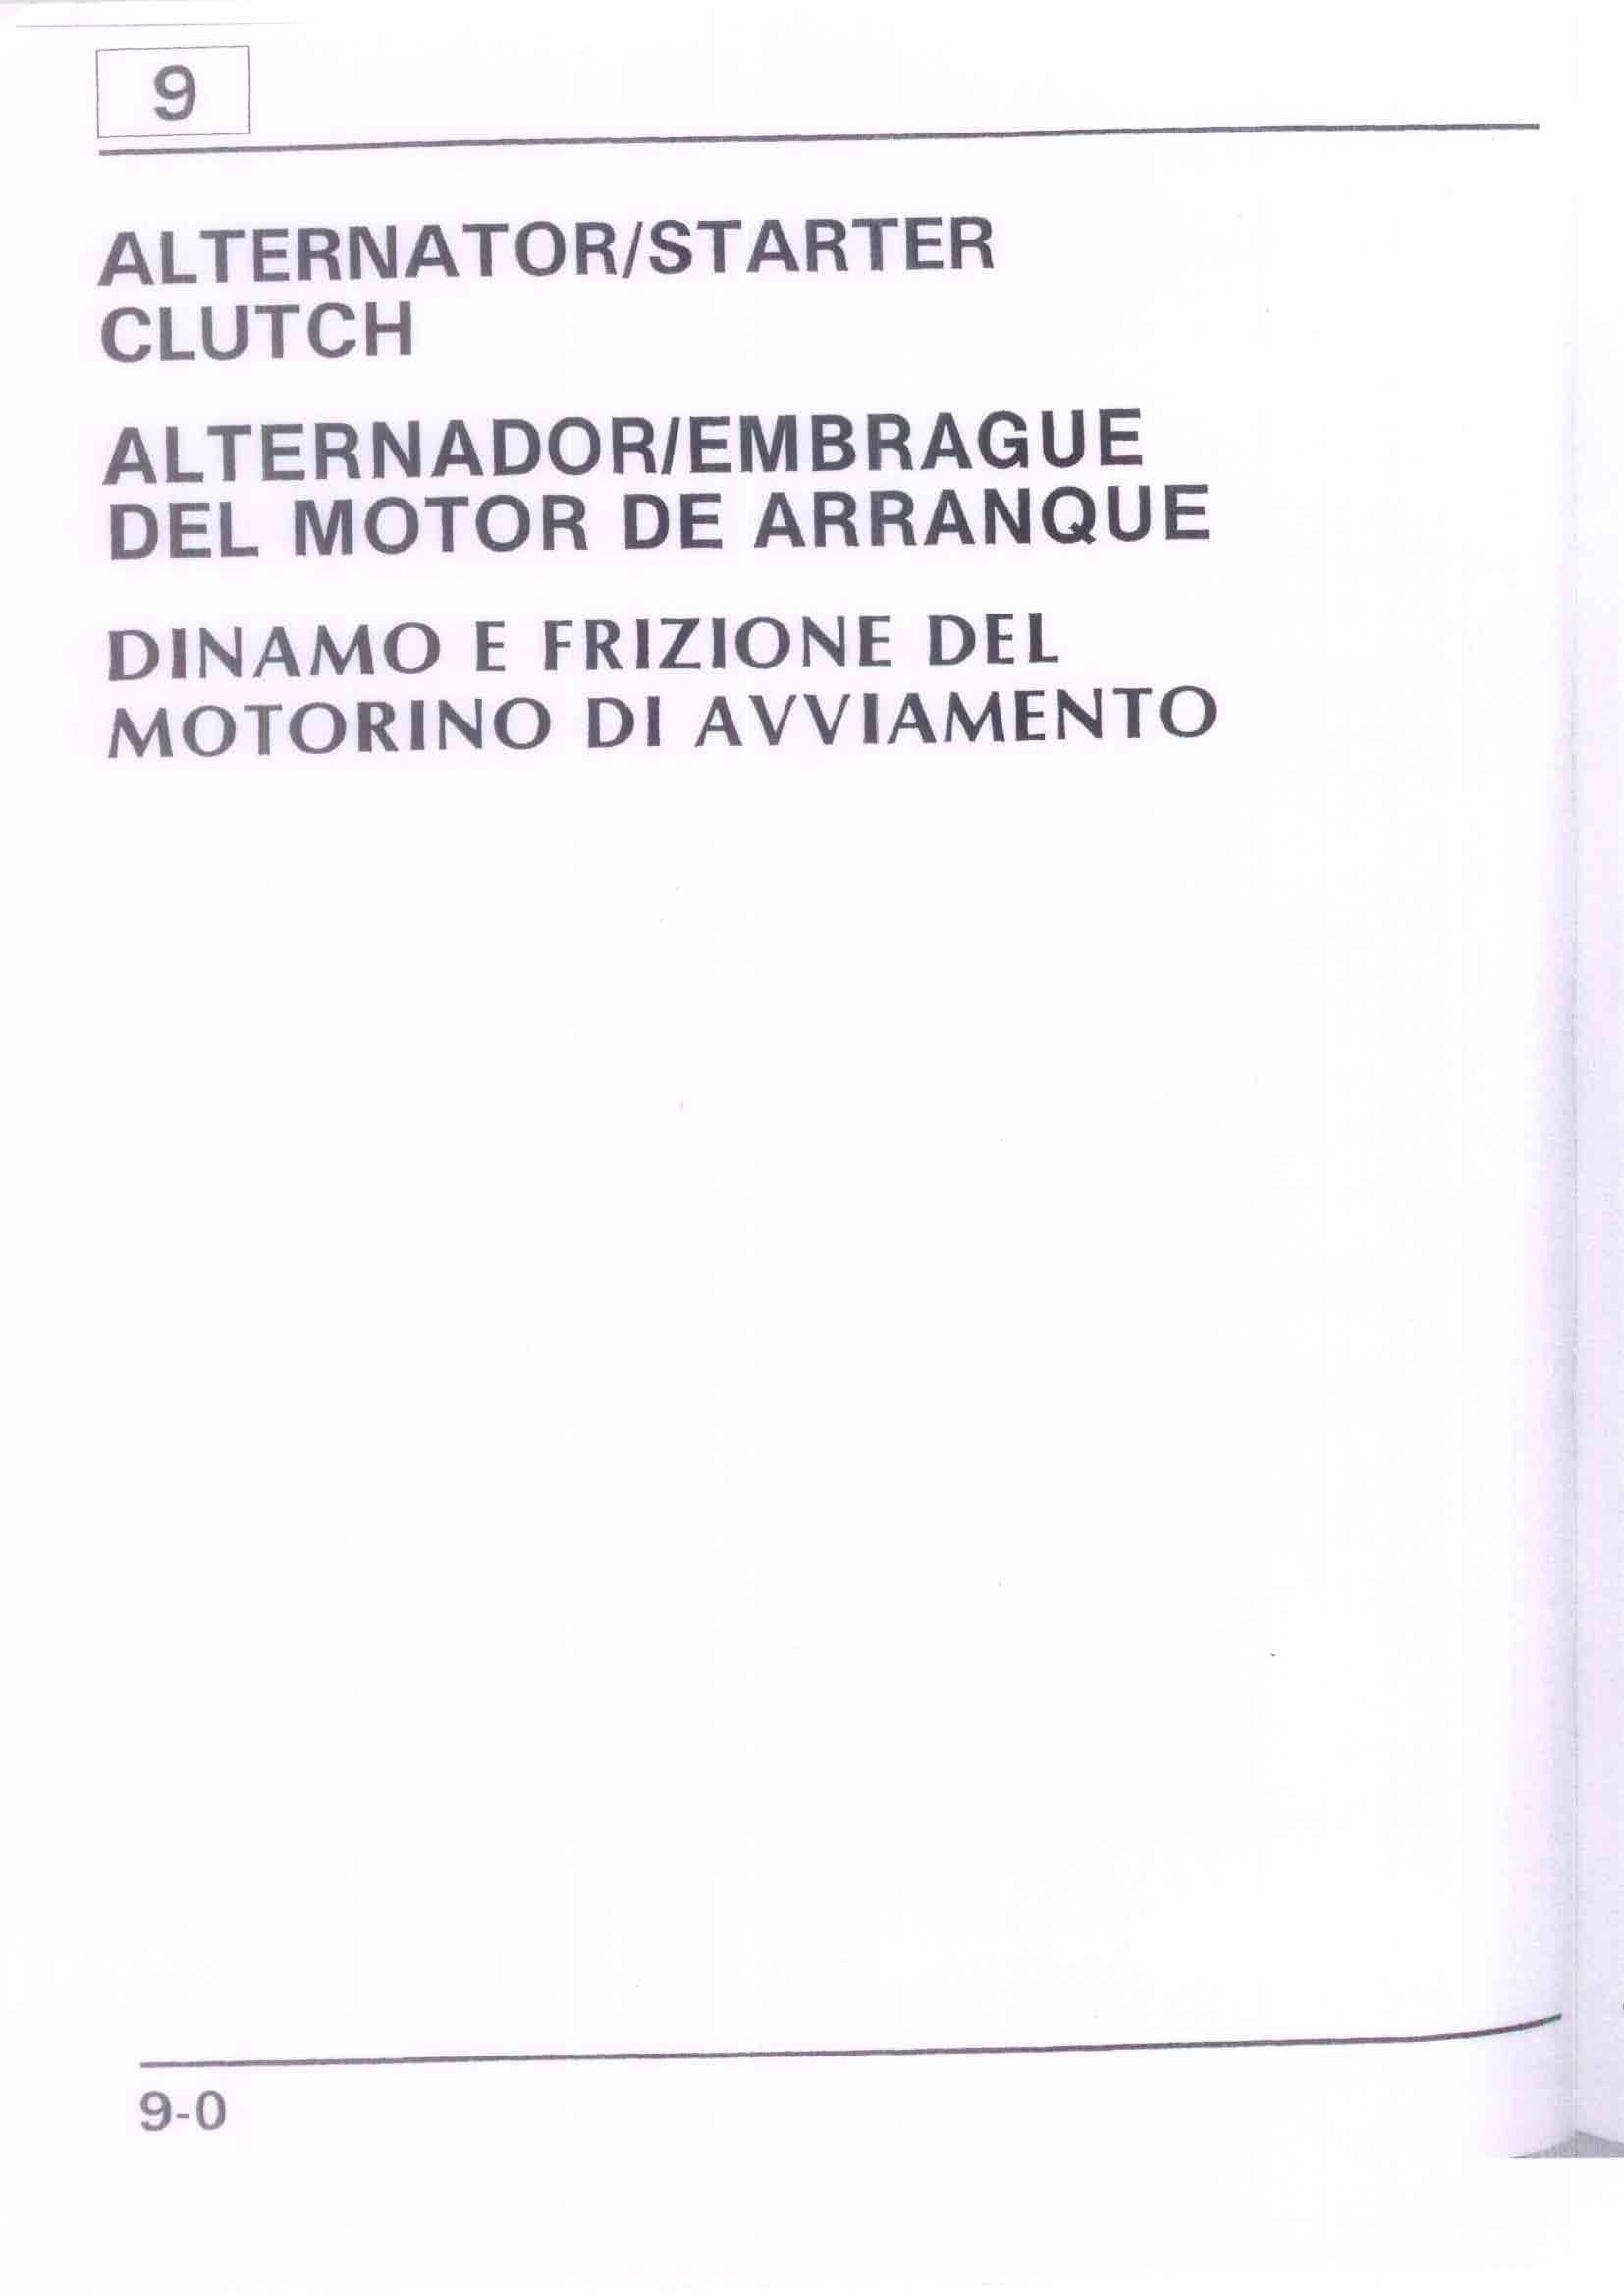 Capitolo09-Dinamo e frizione del motorino di avviamento Pagina 01